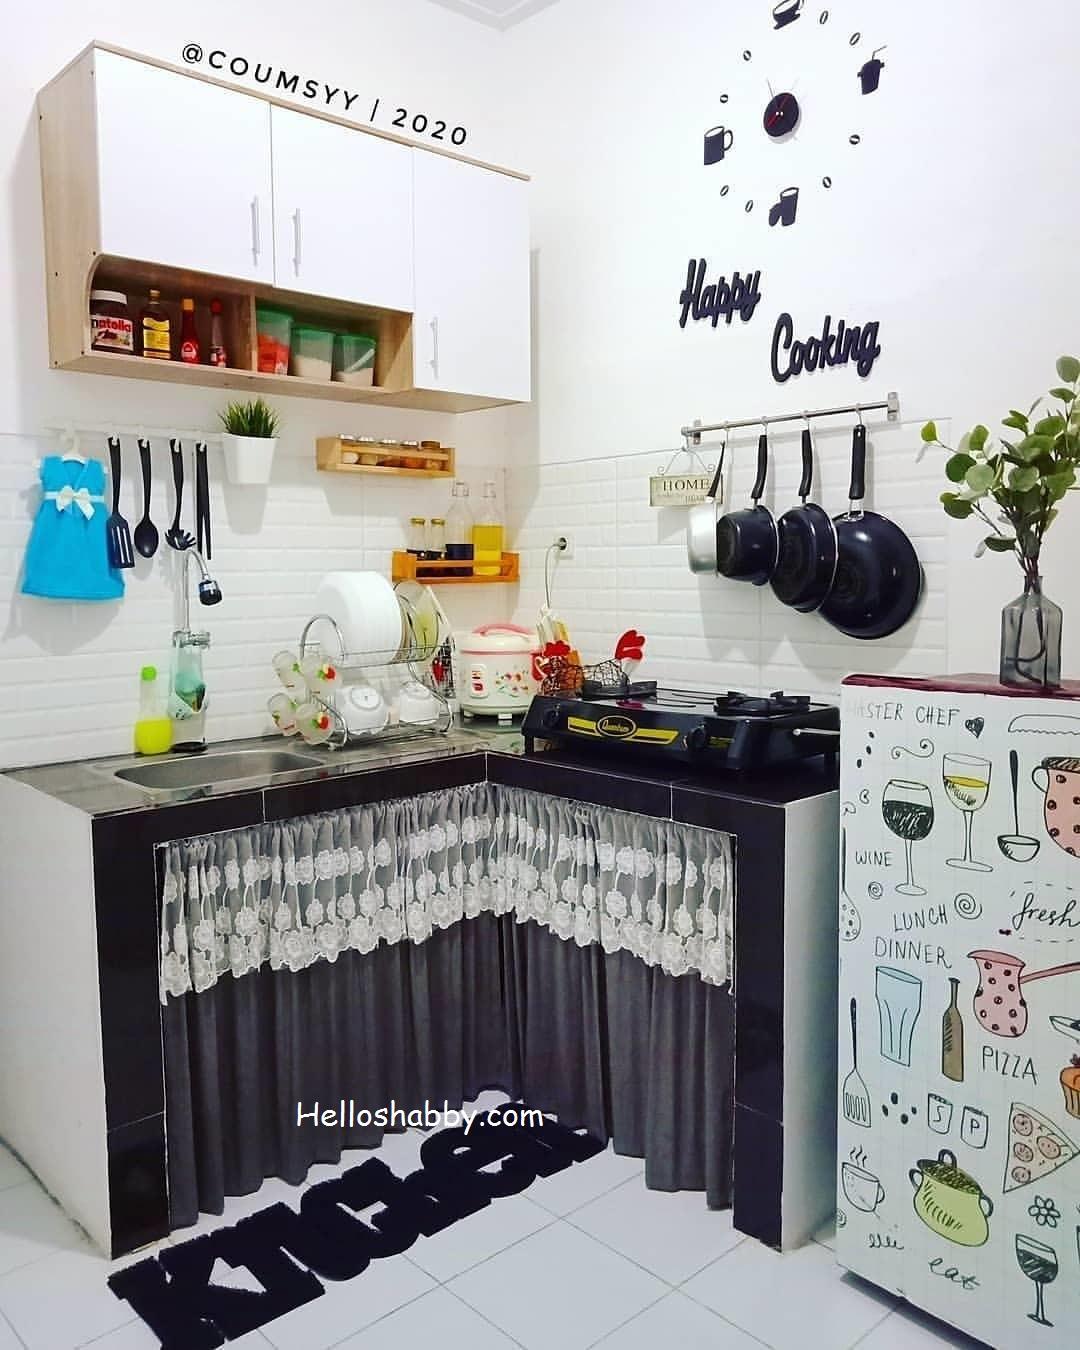 Kreatif 6 Desain Dapur Minimalis Ukuran 2 X 2 M Mungil Yang Bisa Dicontoh Helloshabby Com Interior And Exterior Solutions Dapur ukuran 2x2 meter